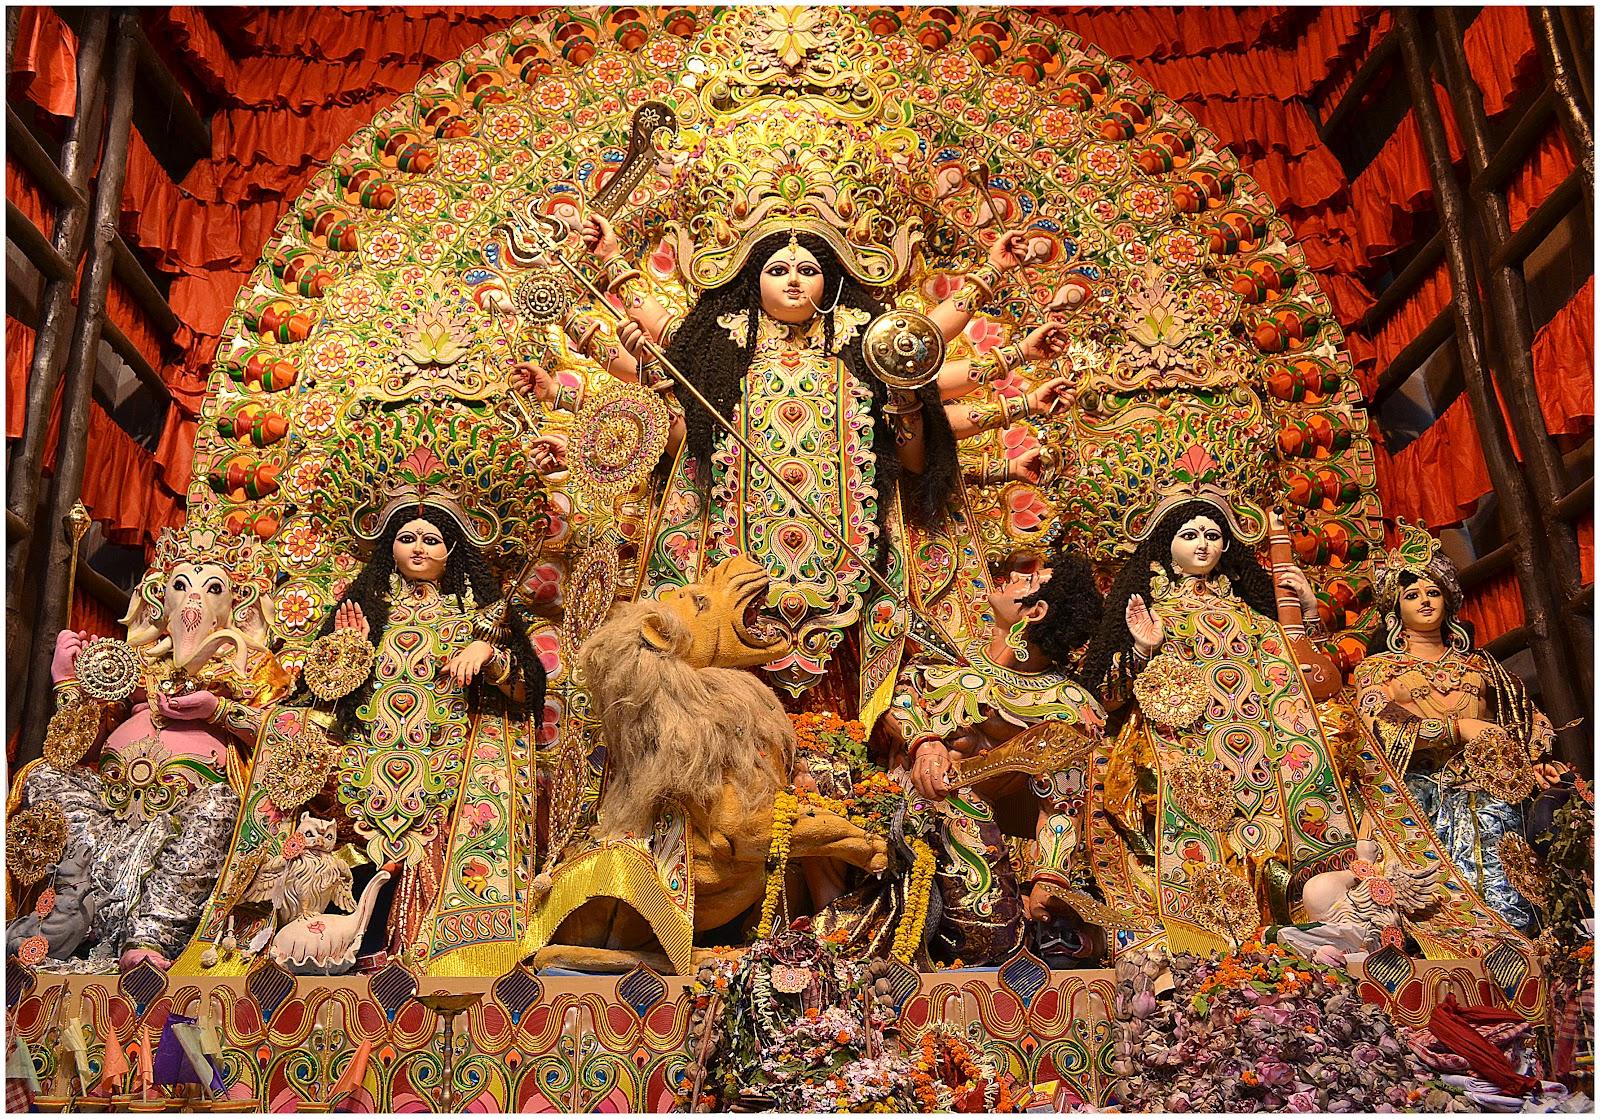 3d Wallpaper Jai Mata Di Diwali Greetings Durga Puja Wallpaper